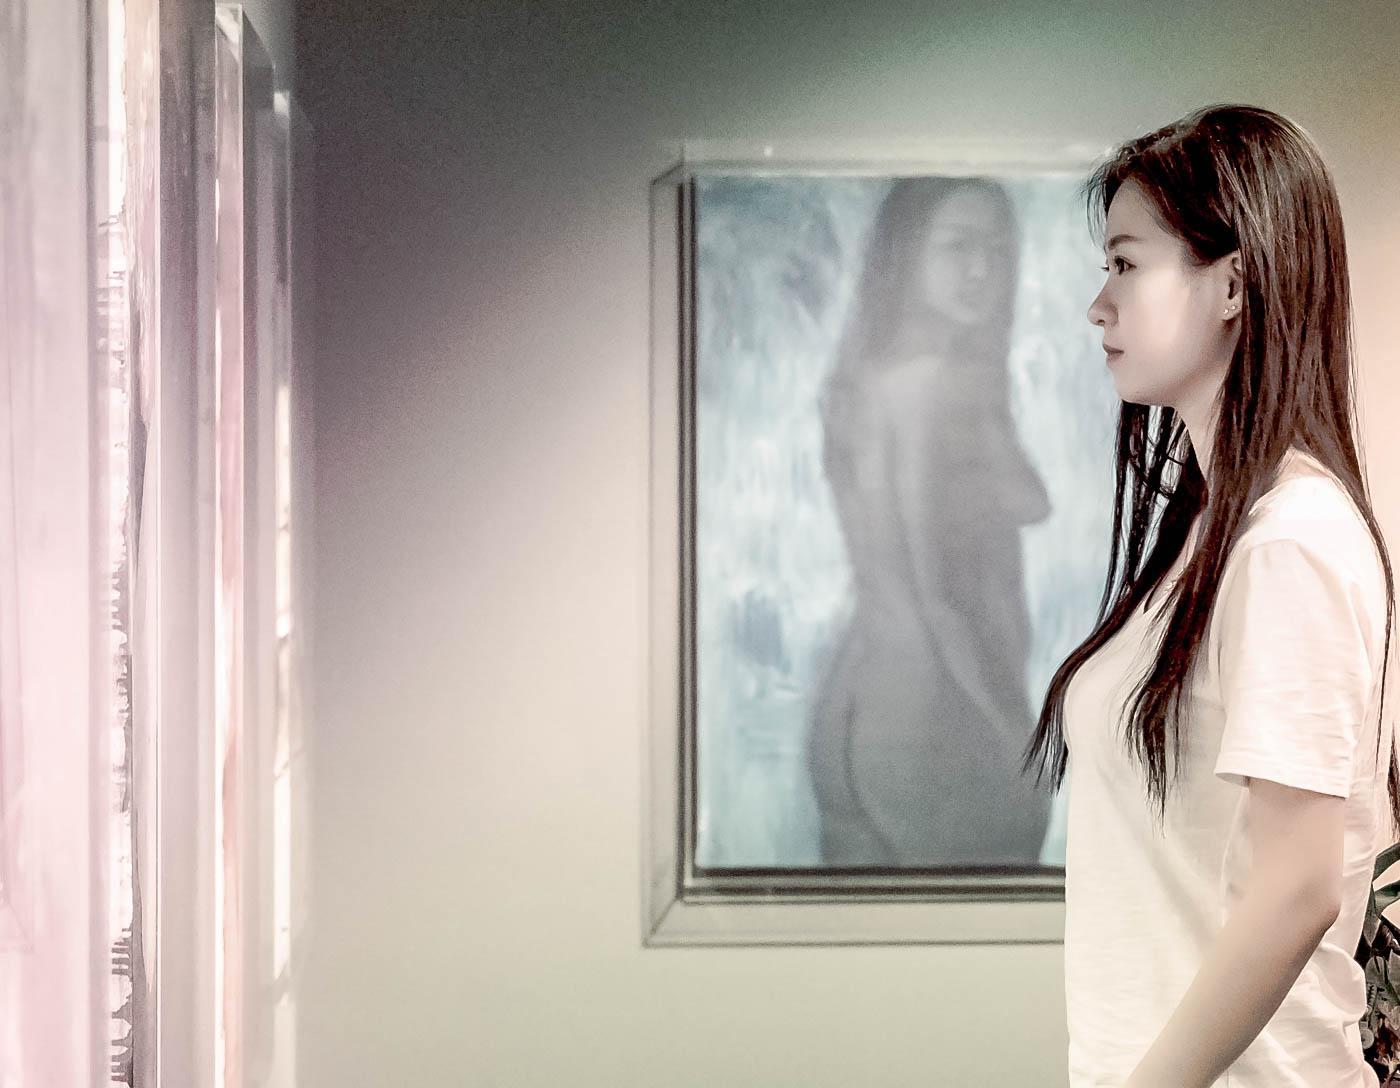 临沂女孩苏韵涵之穿过千山万水只为了你的画展_图1-9